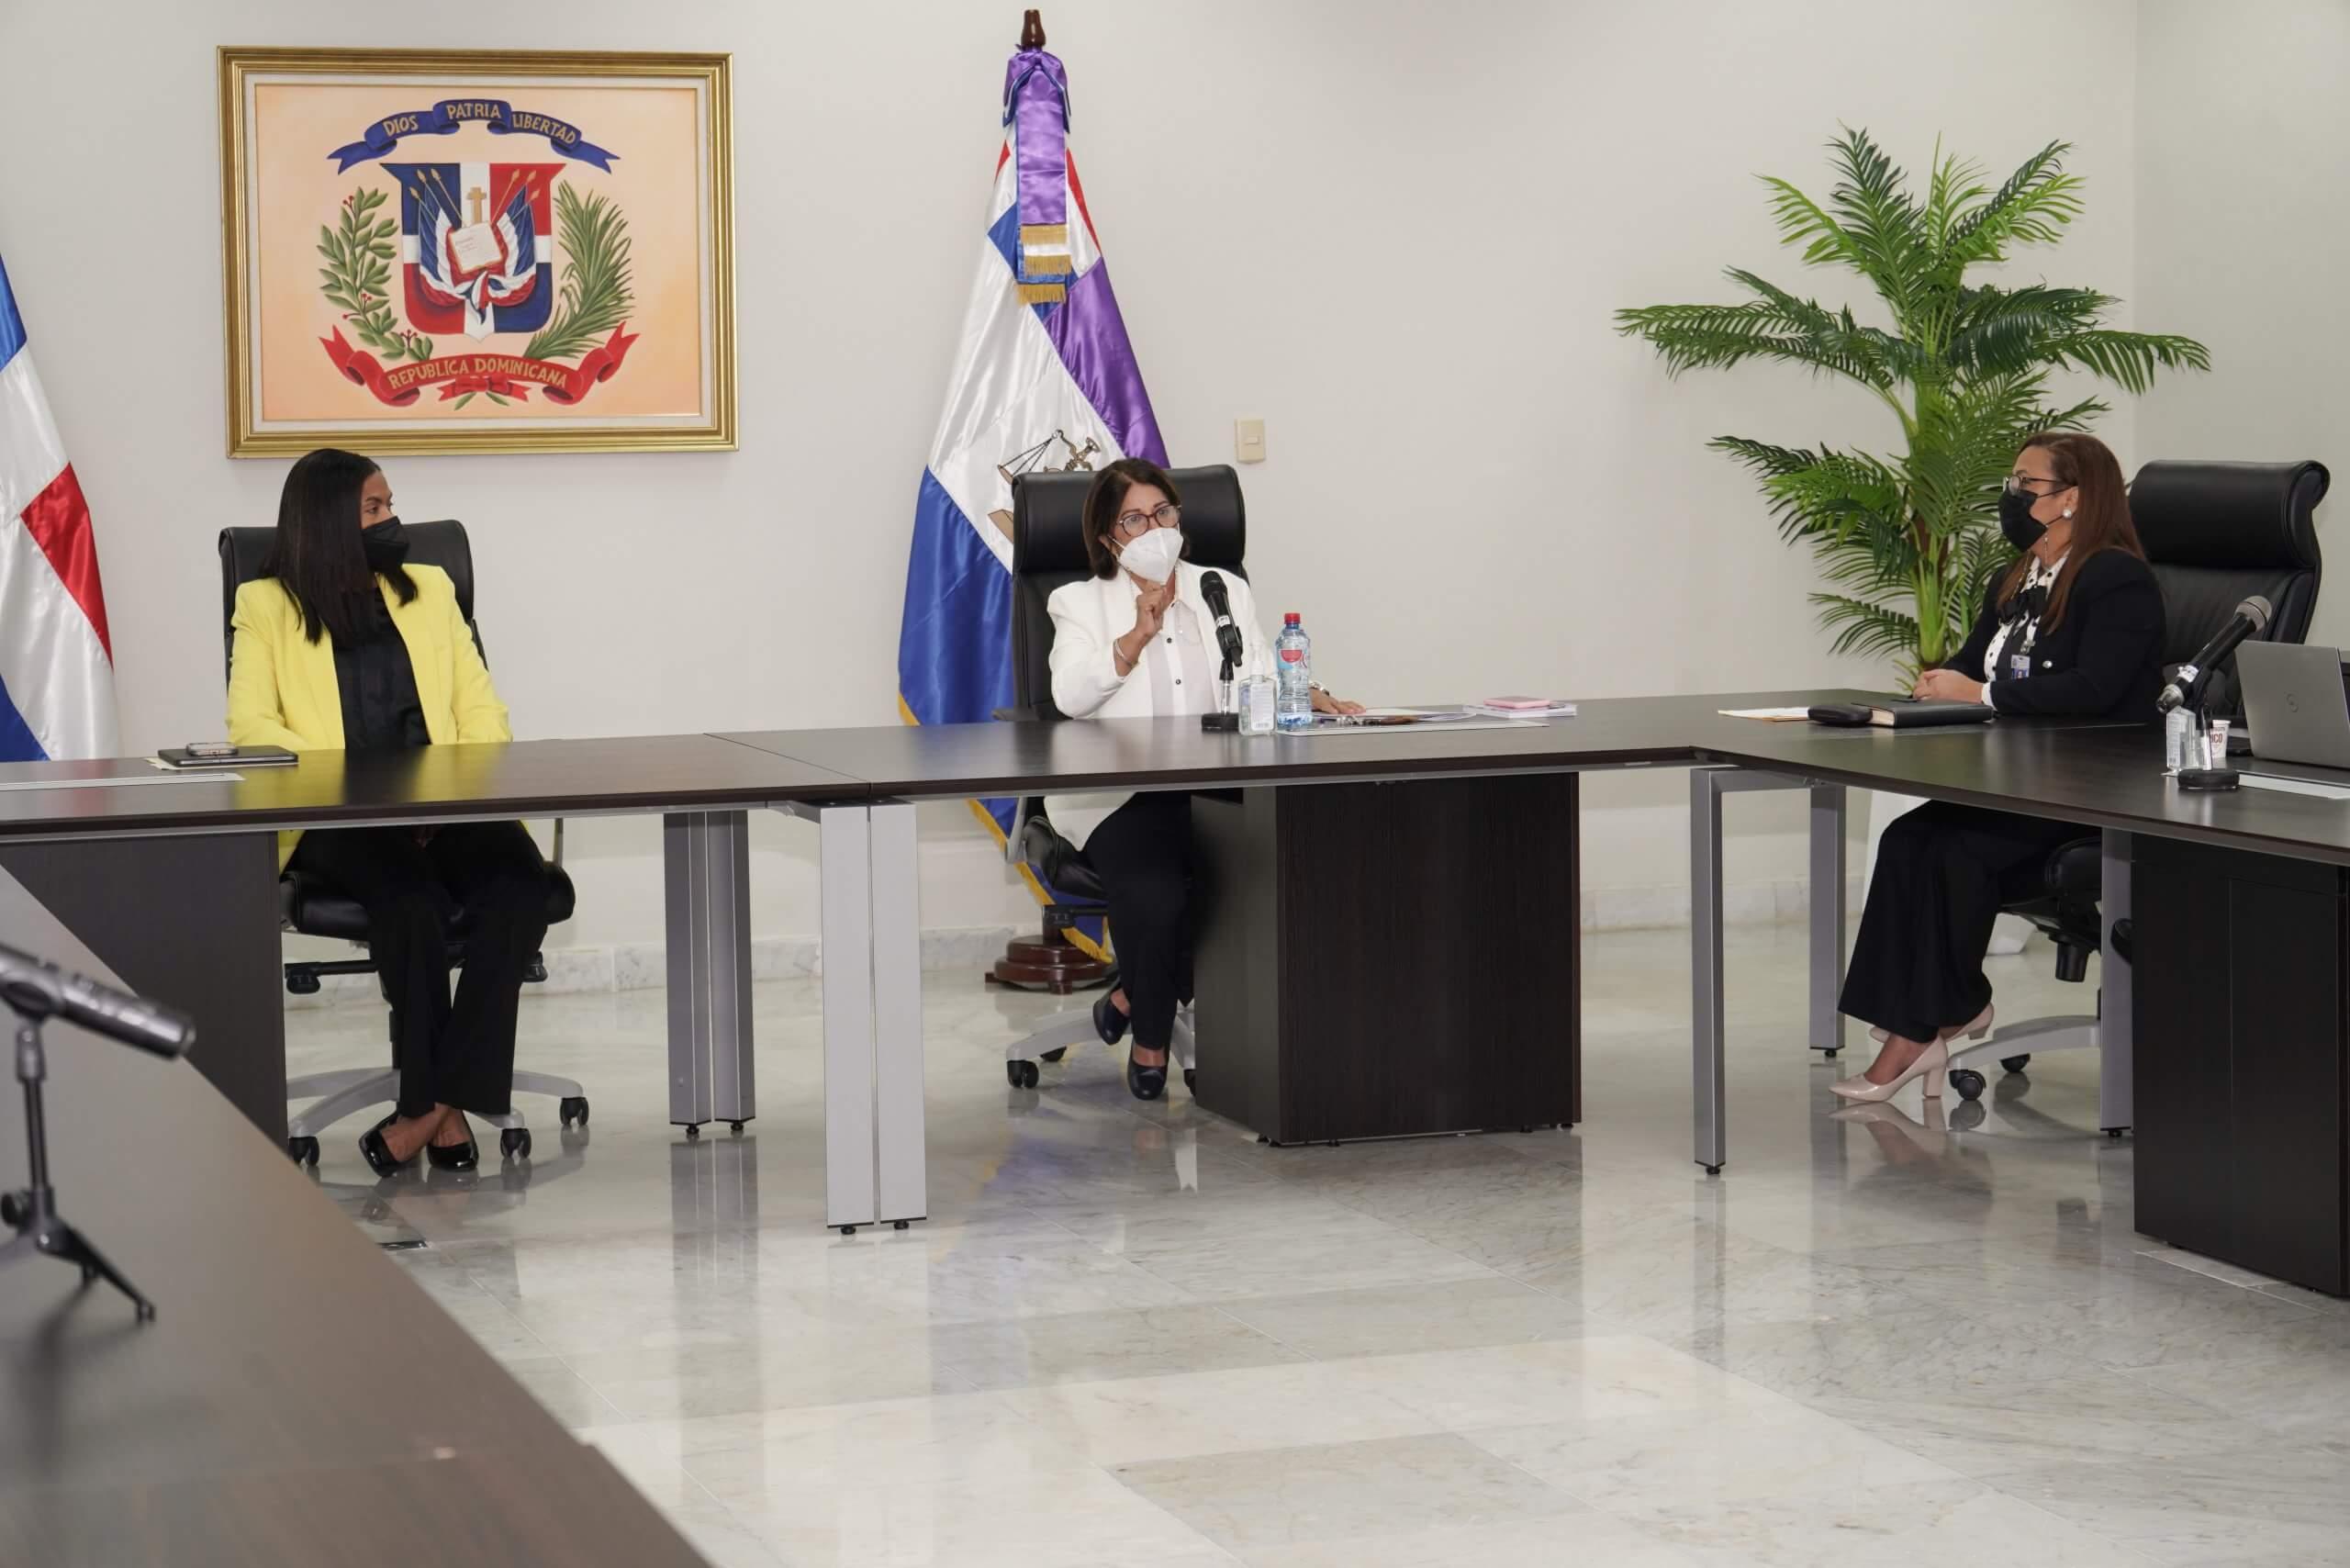 Poder Judicial inicia implementación del Sello Igualando RD en el Sector Público para fortalecer la igualdad de género